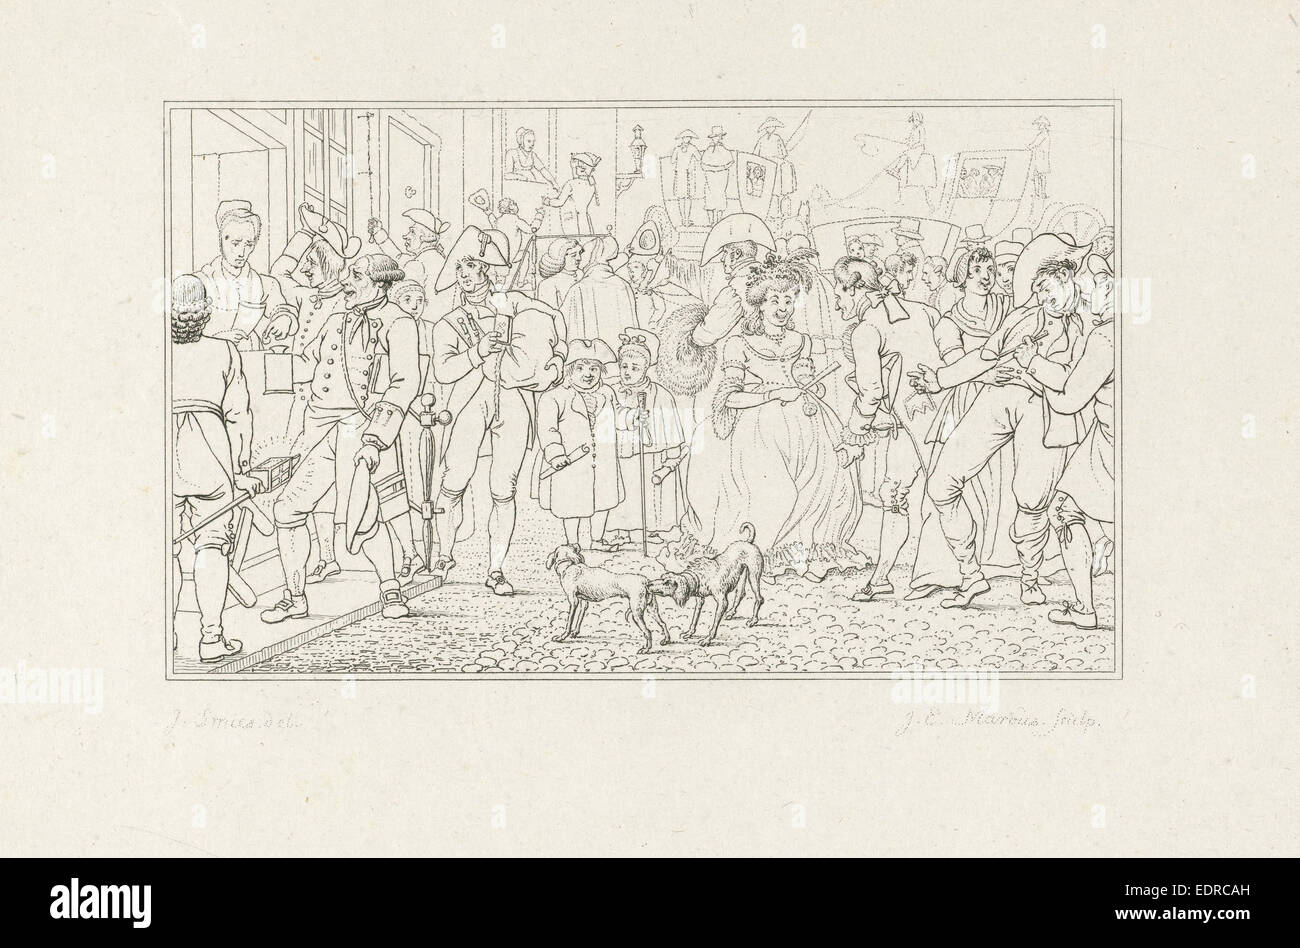 Viele Bürgerinnen und Bürger in einer Straße, Jacob Ernst Marcus, 1807 Stockbild